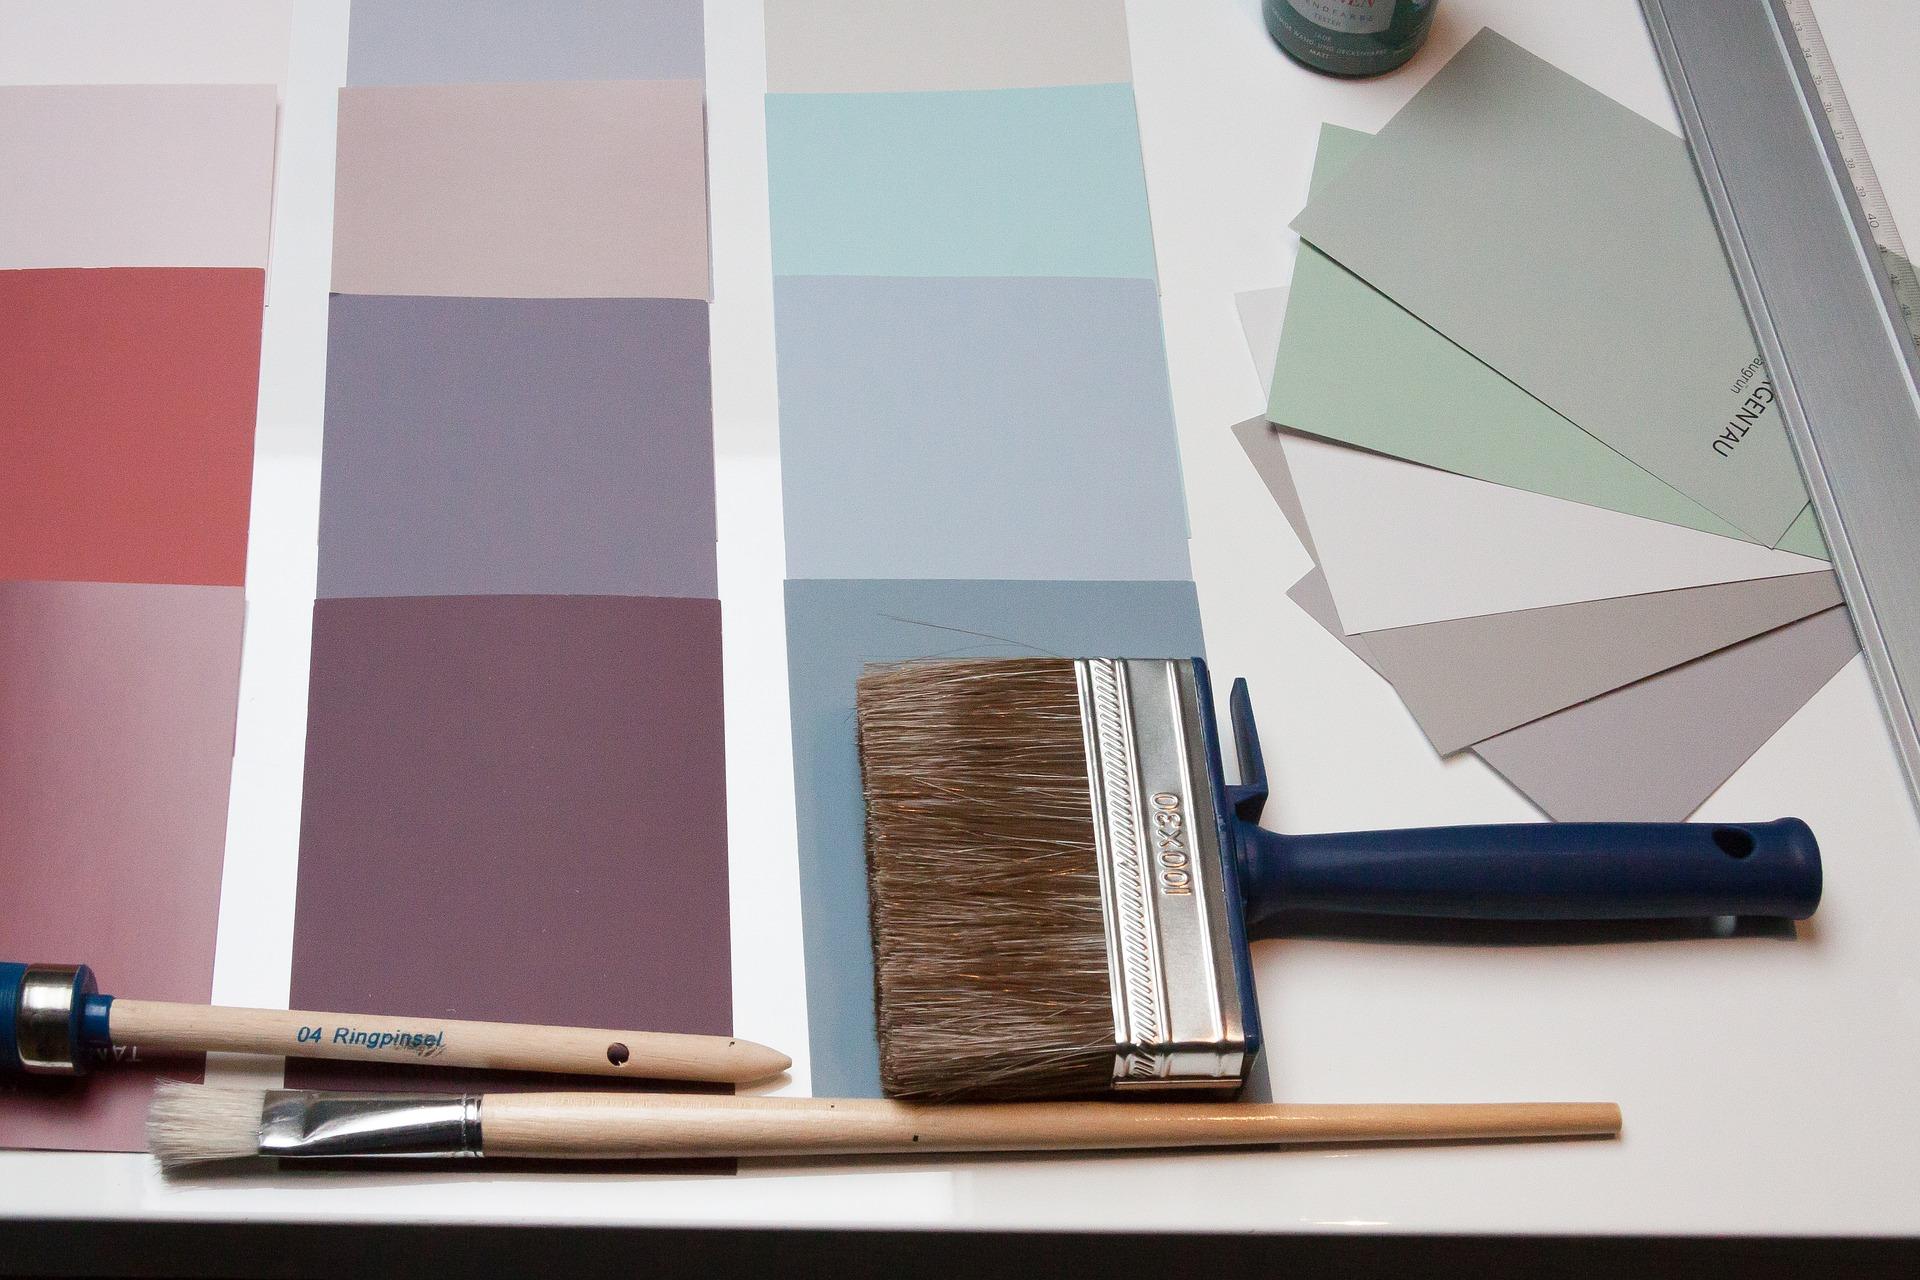 Anlita målare, timpris kostnad, målarfärg färgkartor